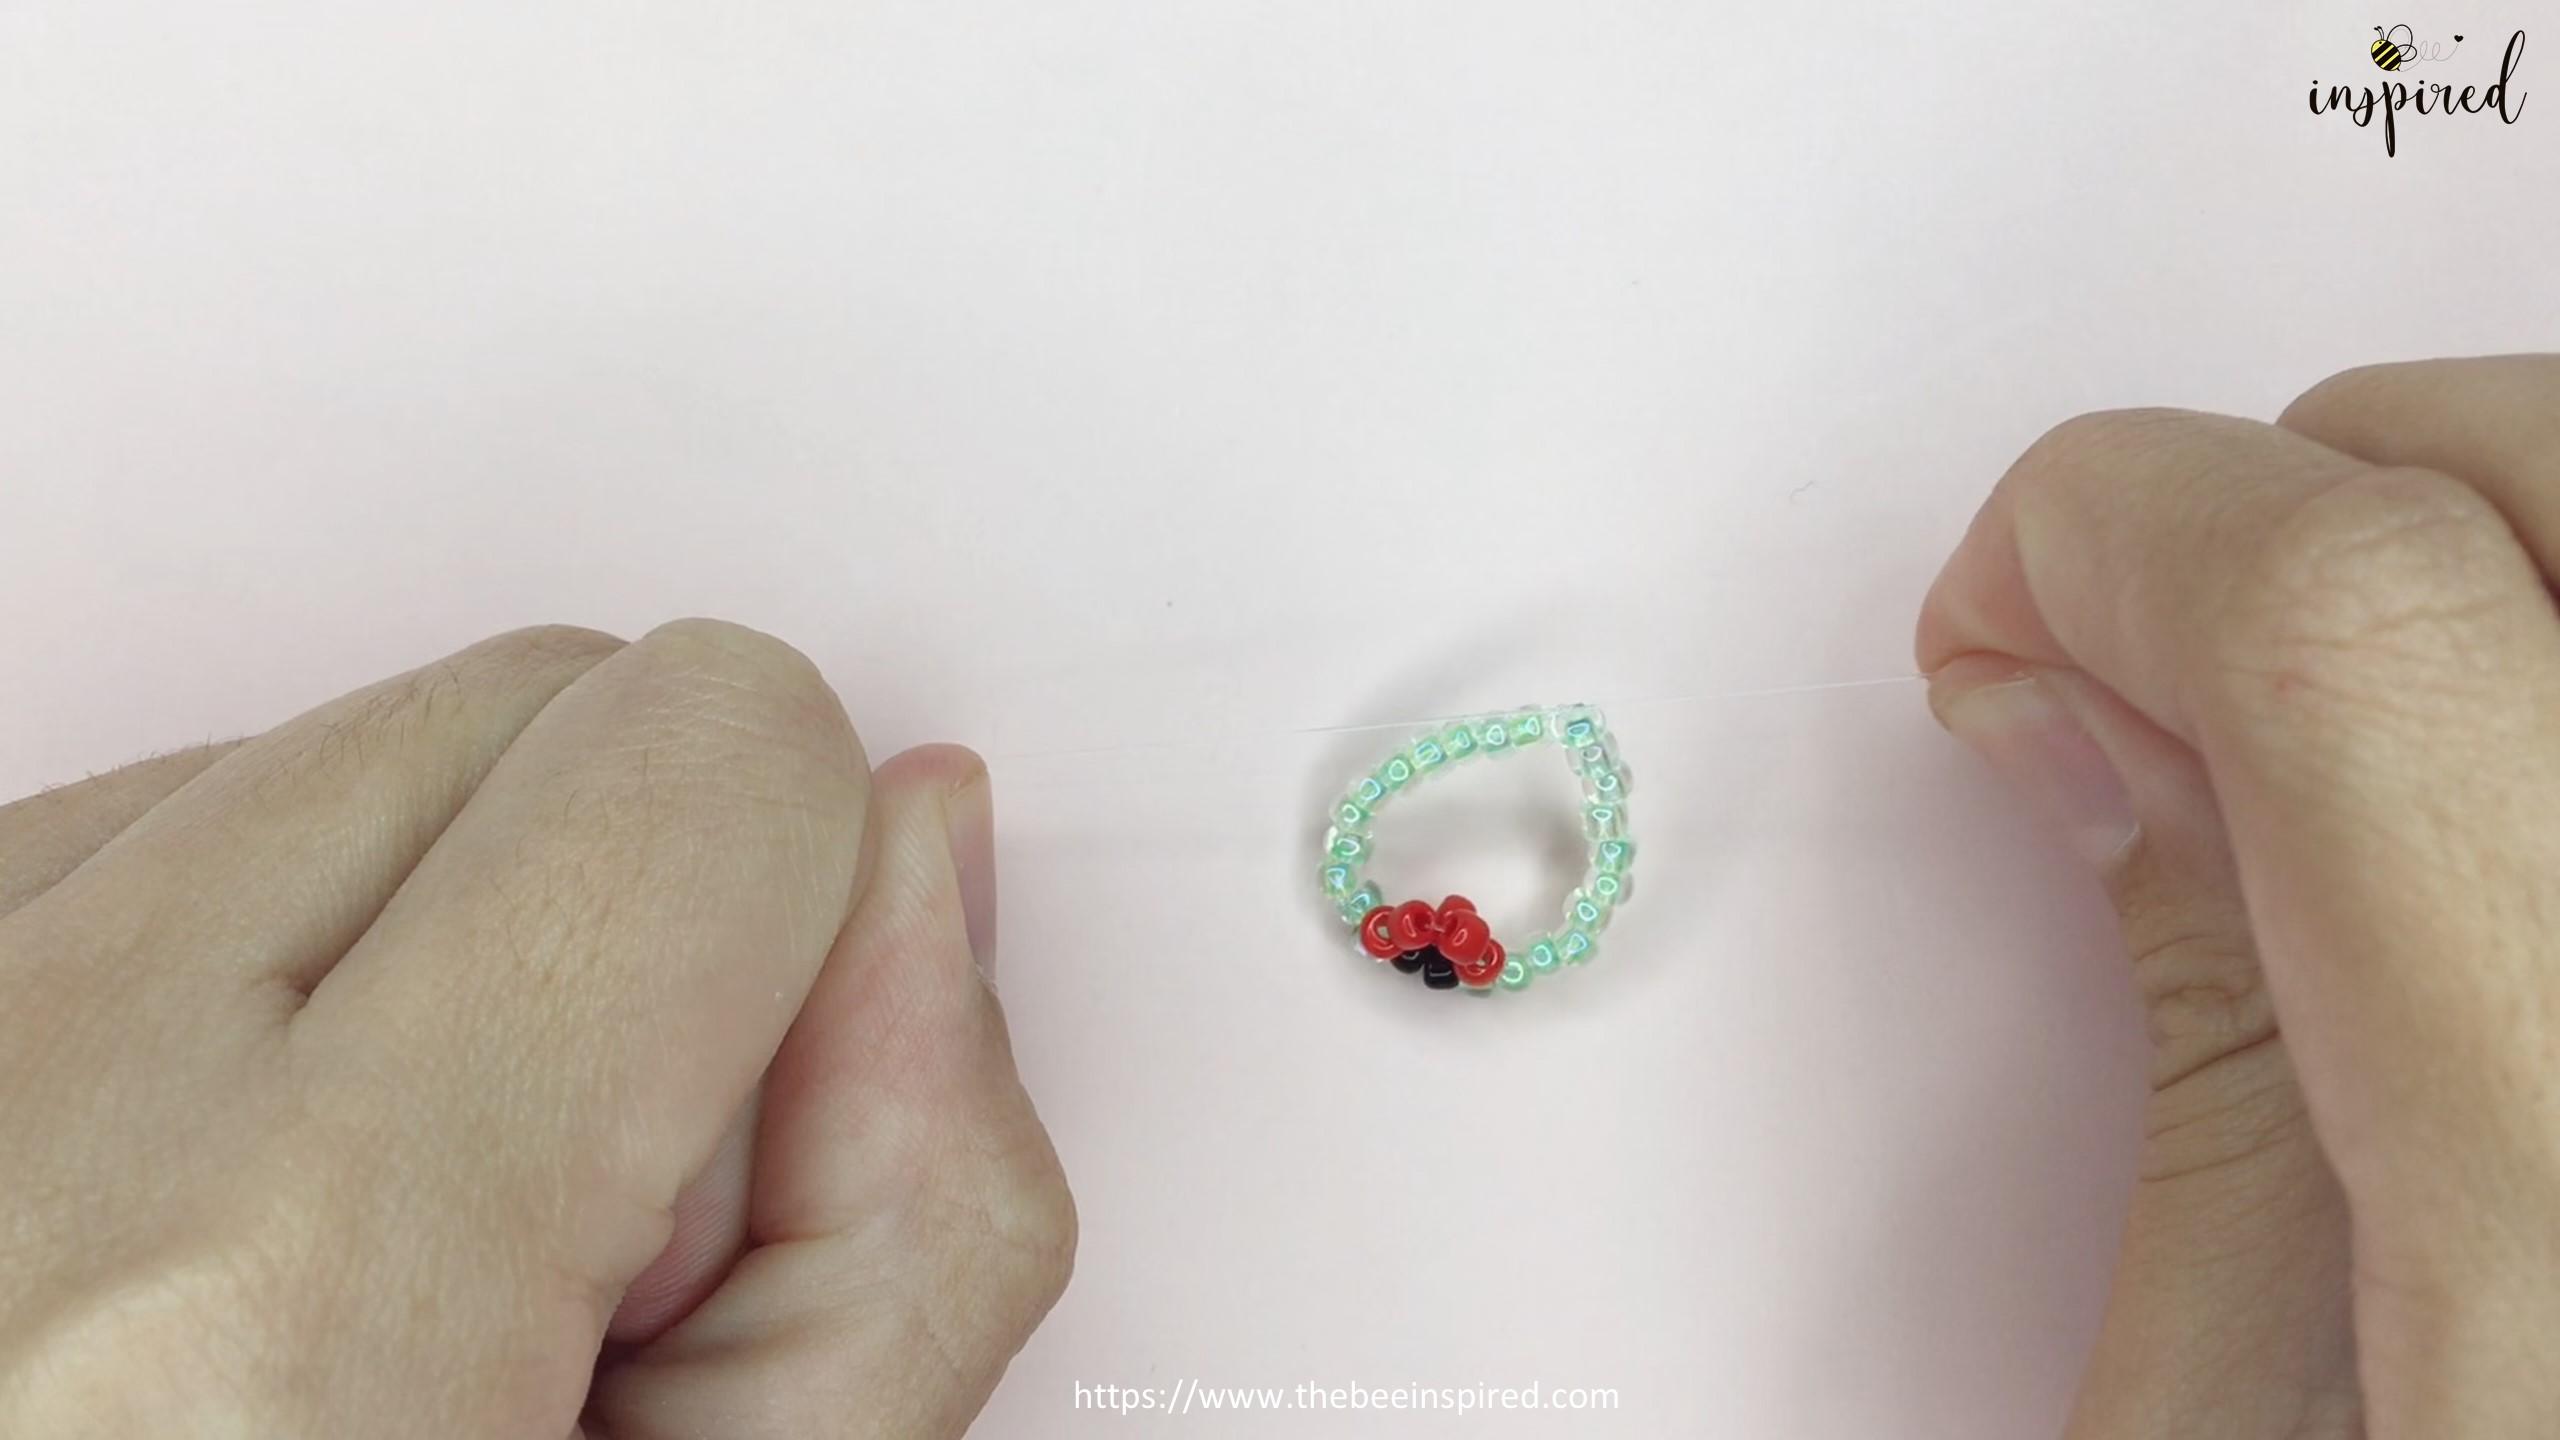 วิธีร้อยแหวนลูกปัดเต่าทอง ง่ายๆ สไตล์เกาหลี - How to Make Ladybug Beaded Ring_12